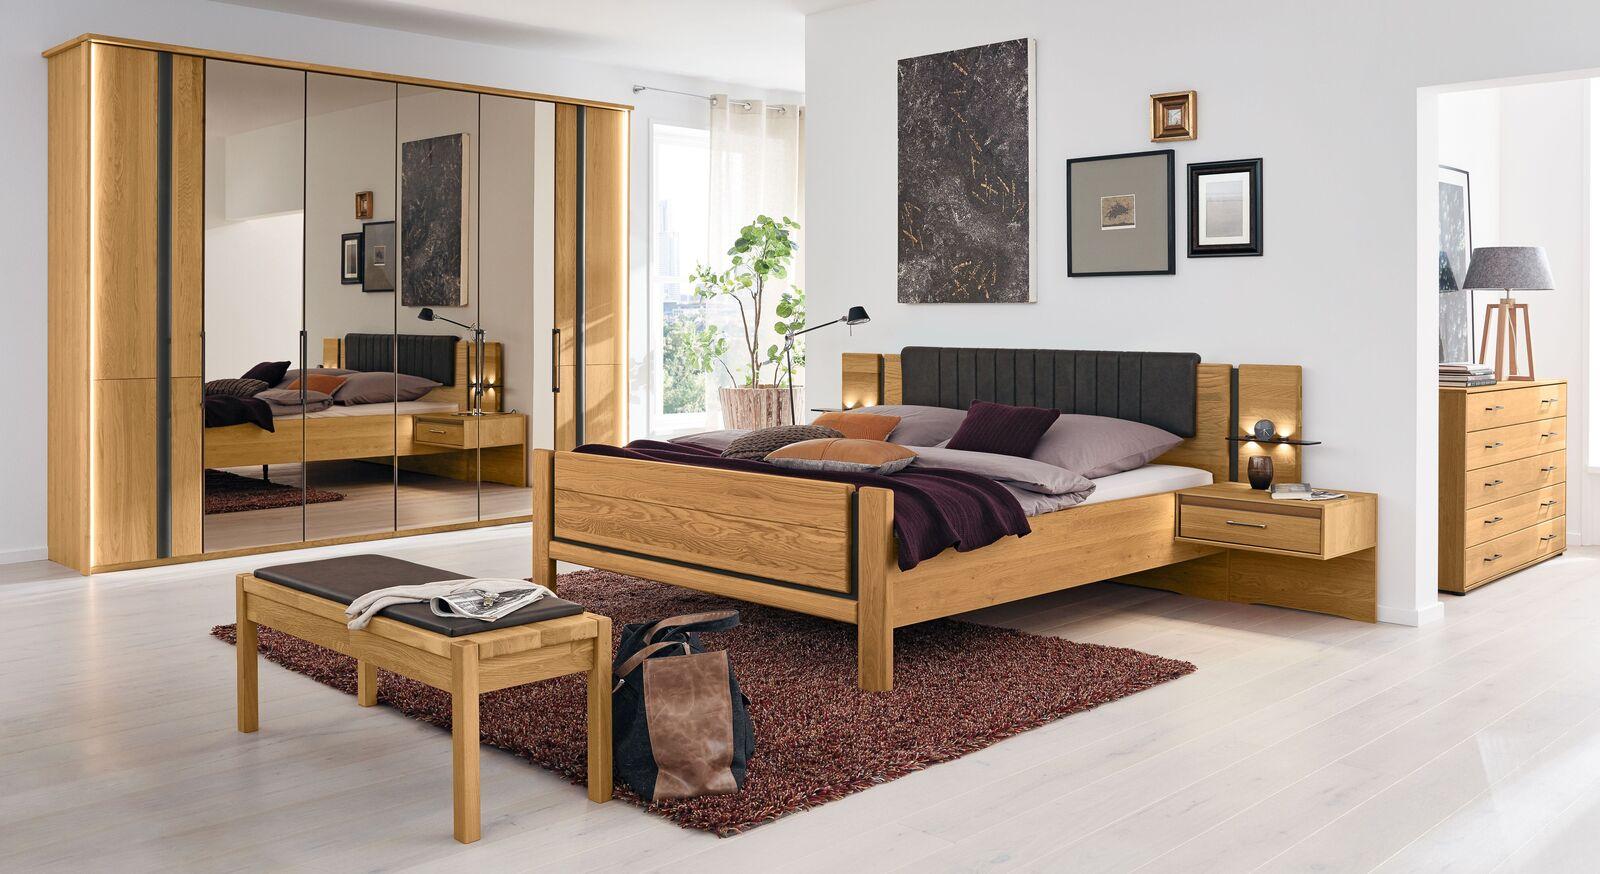 MUSTERRING Schlafzimmer Sorrent 4-tlg mit passenden Extras